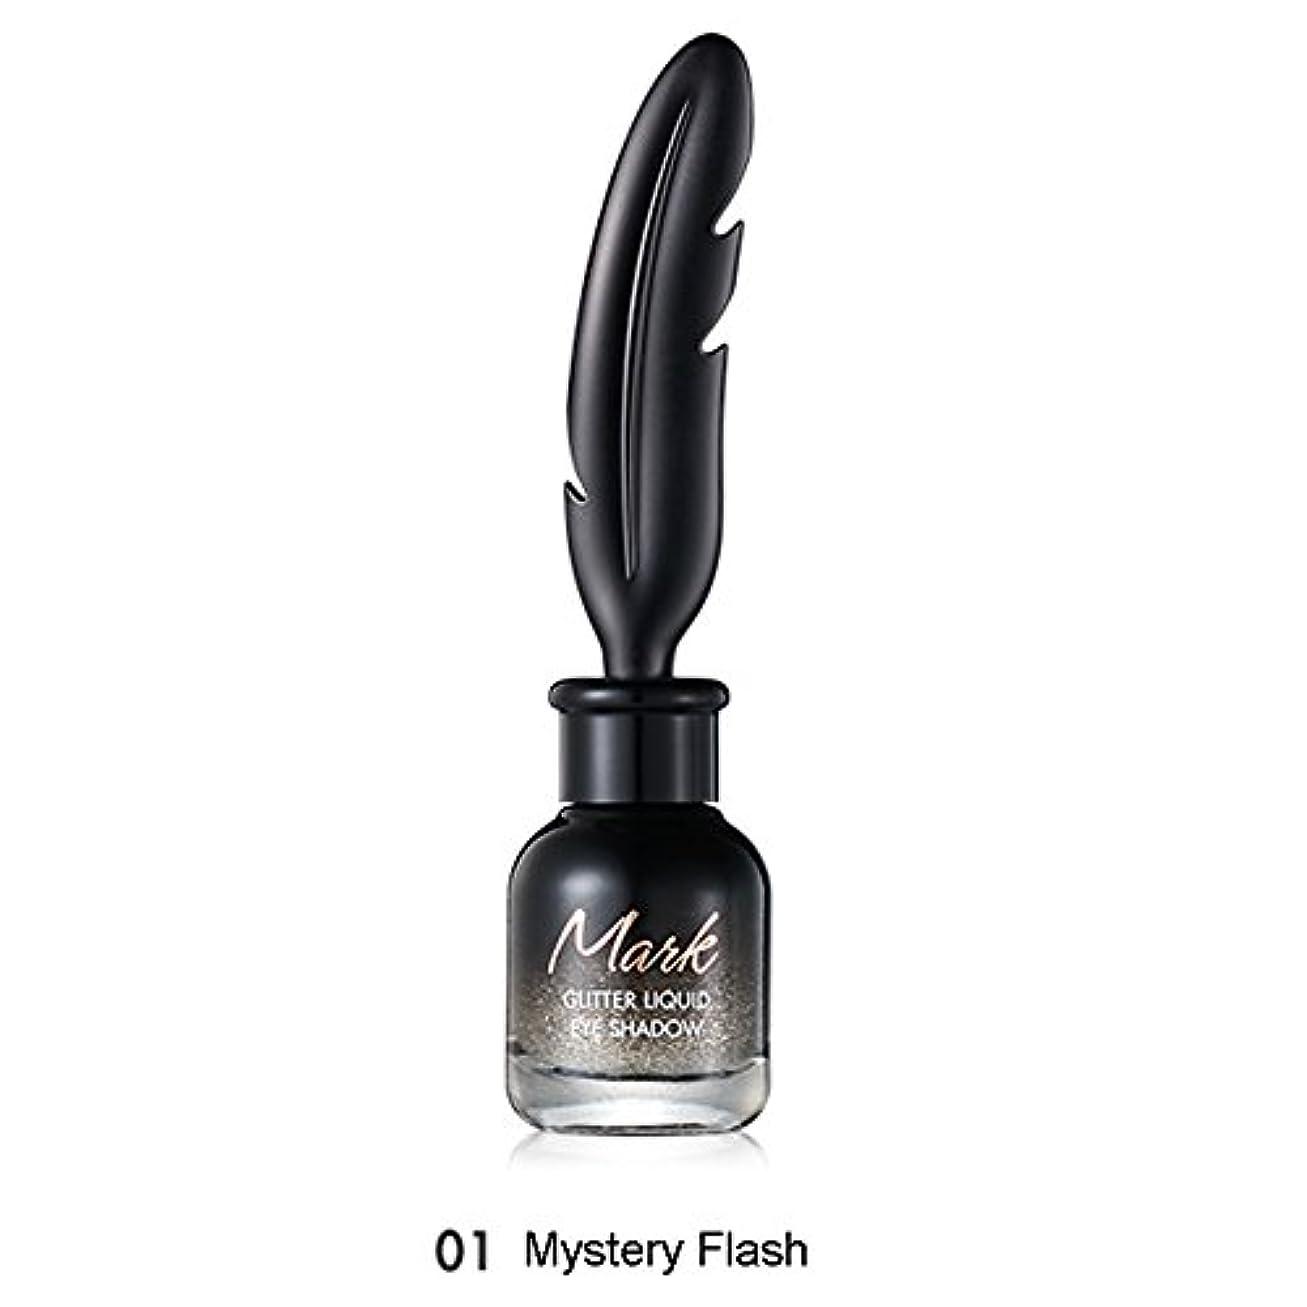 ビリースカウトベールトニモリー TONYMOLY Mark Glitter Liquid Eye Shadow #01 Mystery Flash